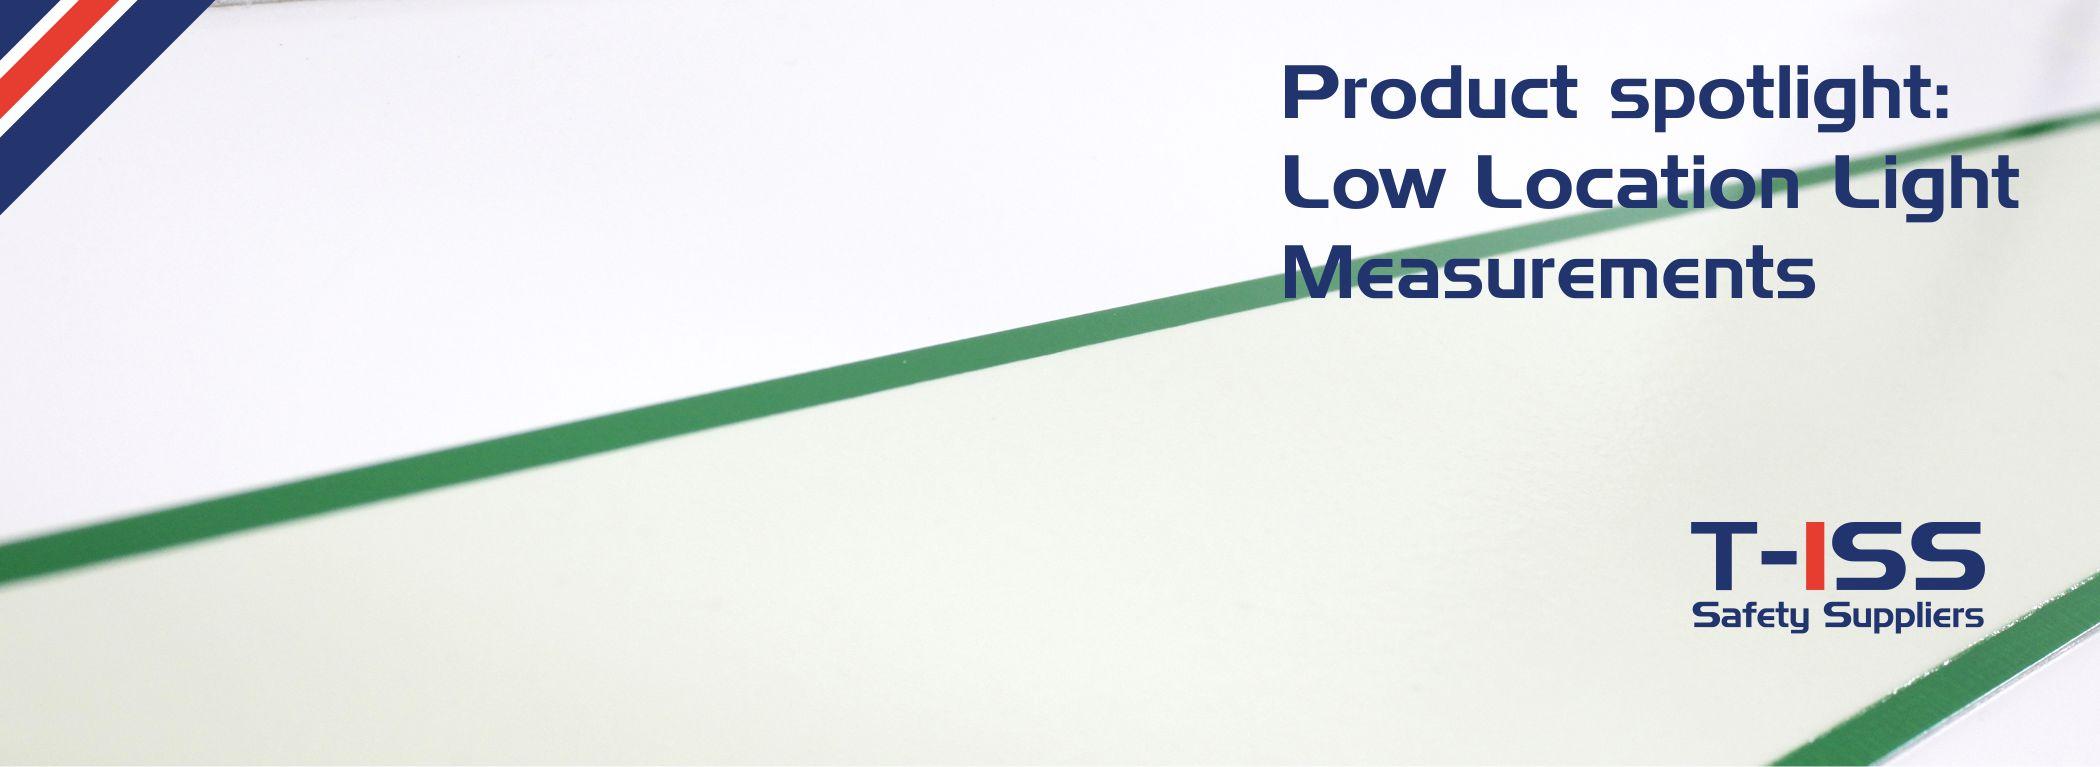 Low Location Light Measurements